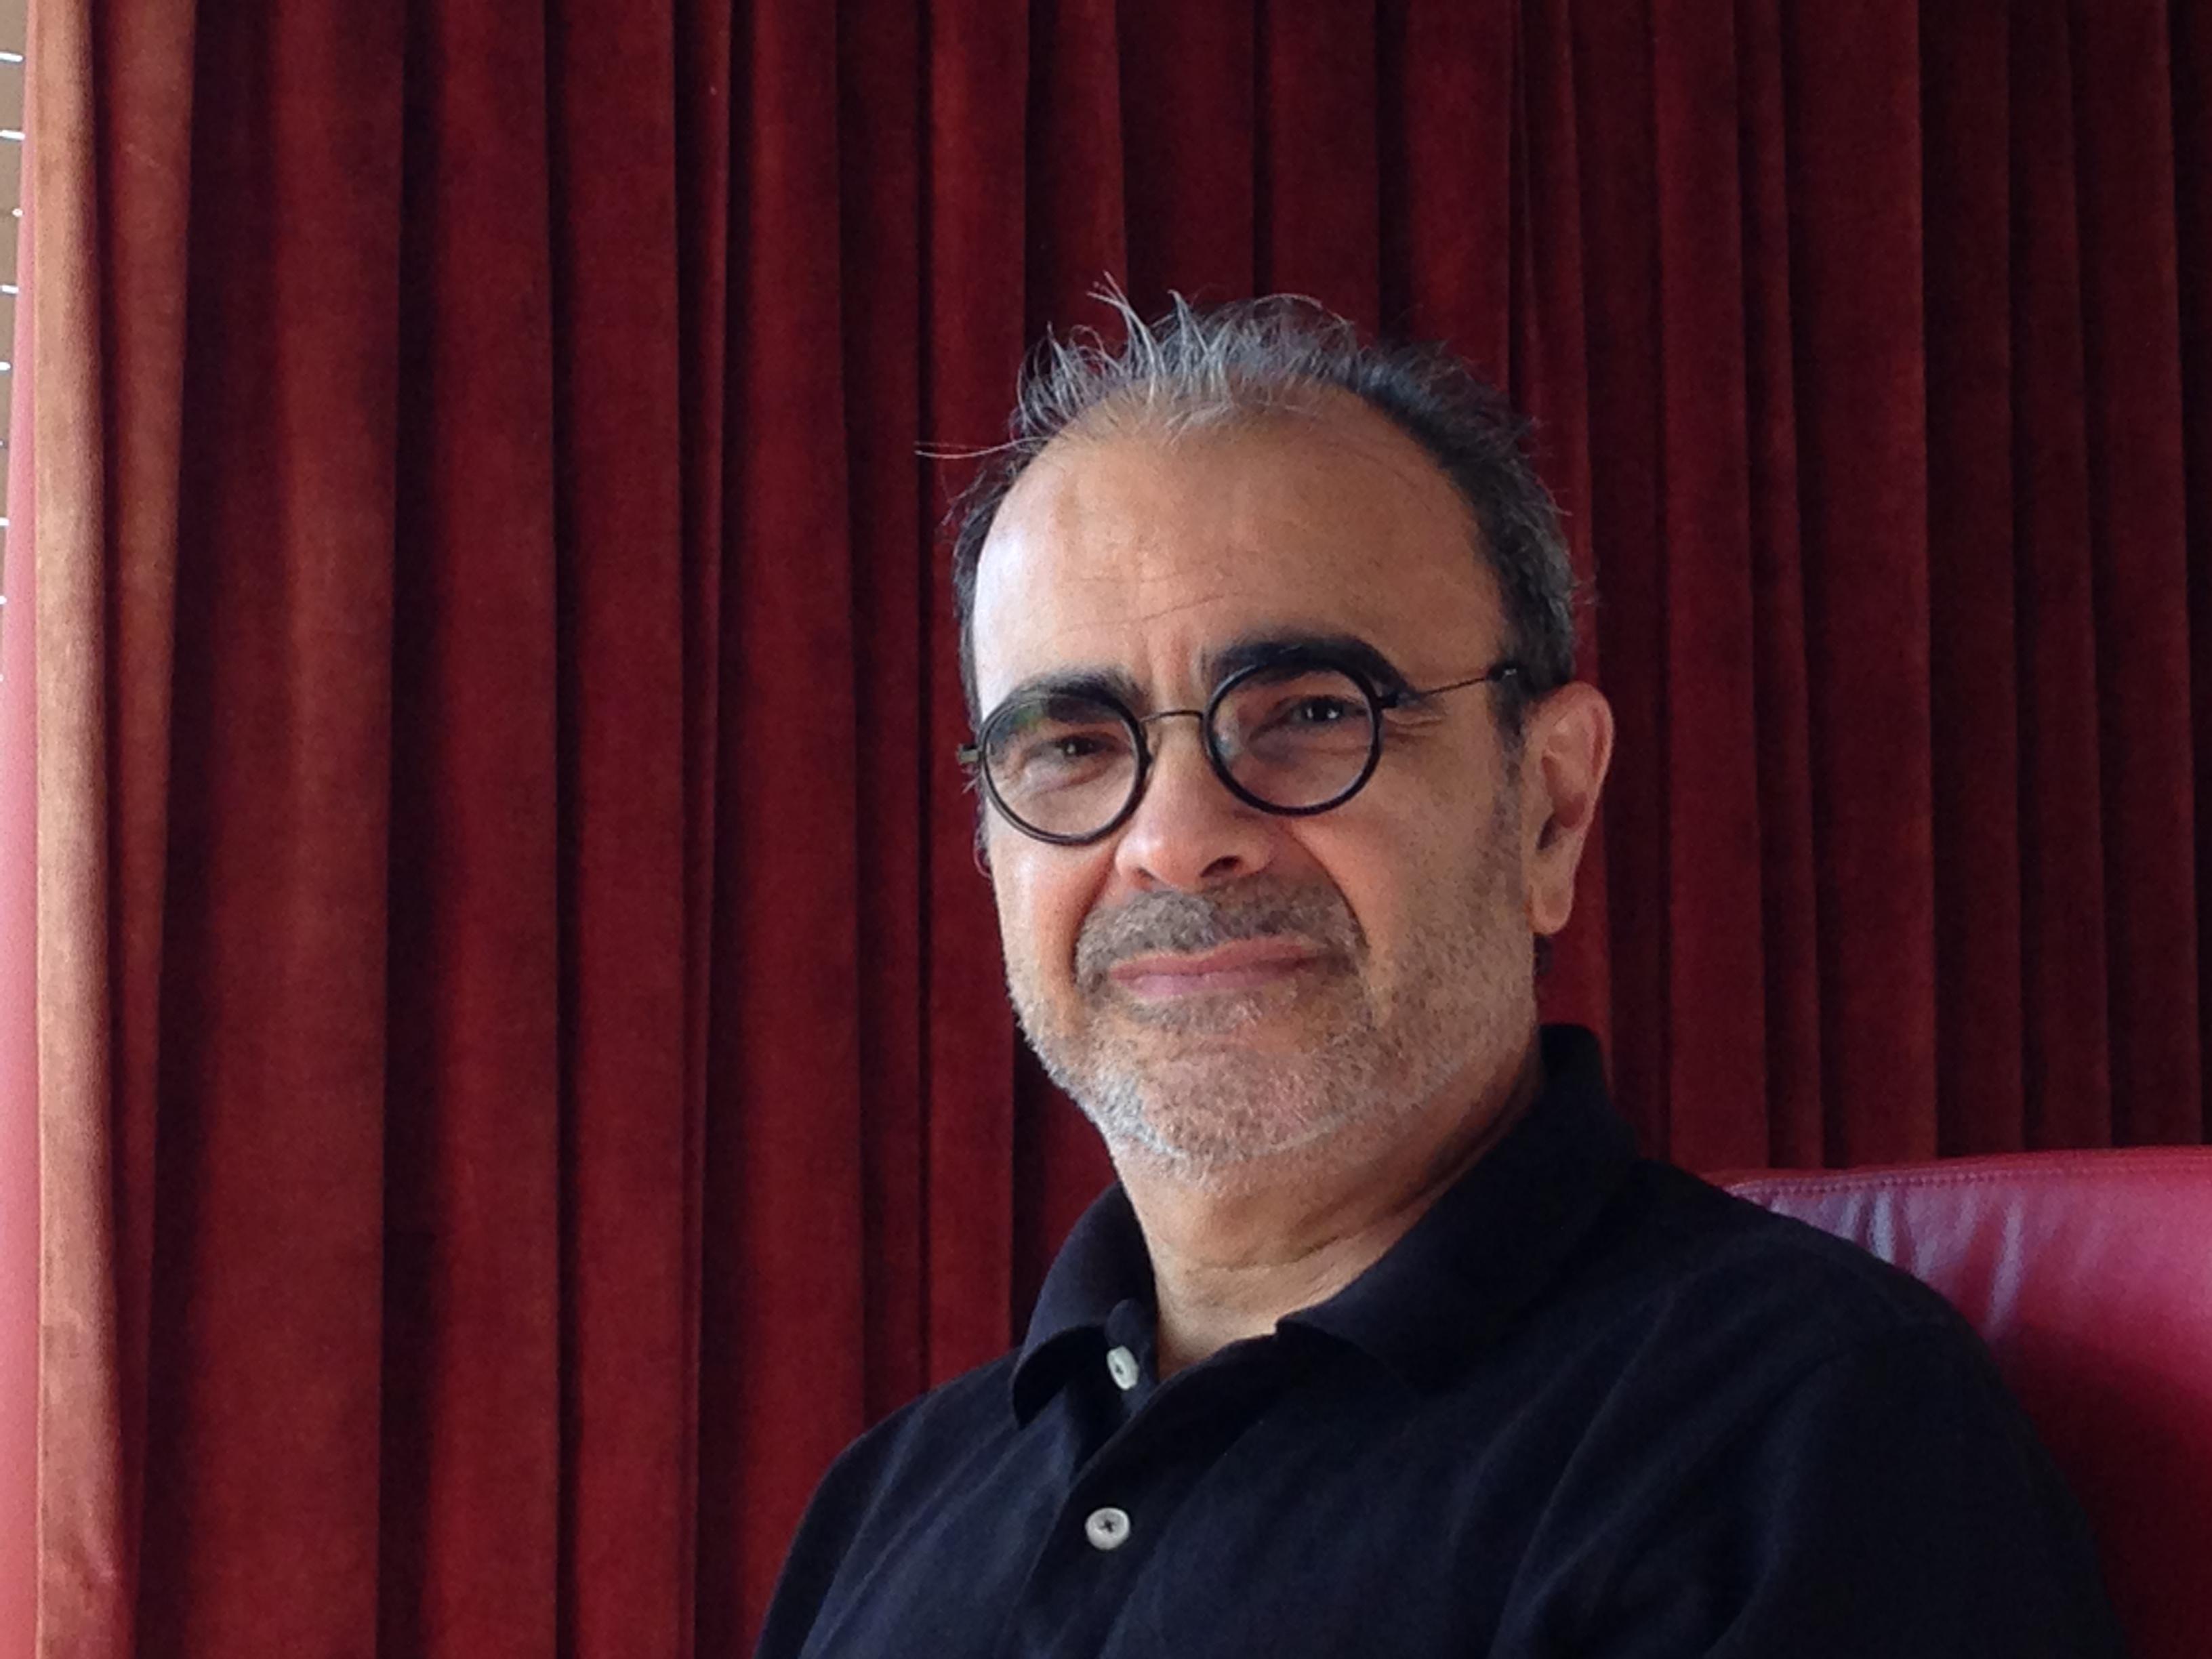 José António Bandeirinha